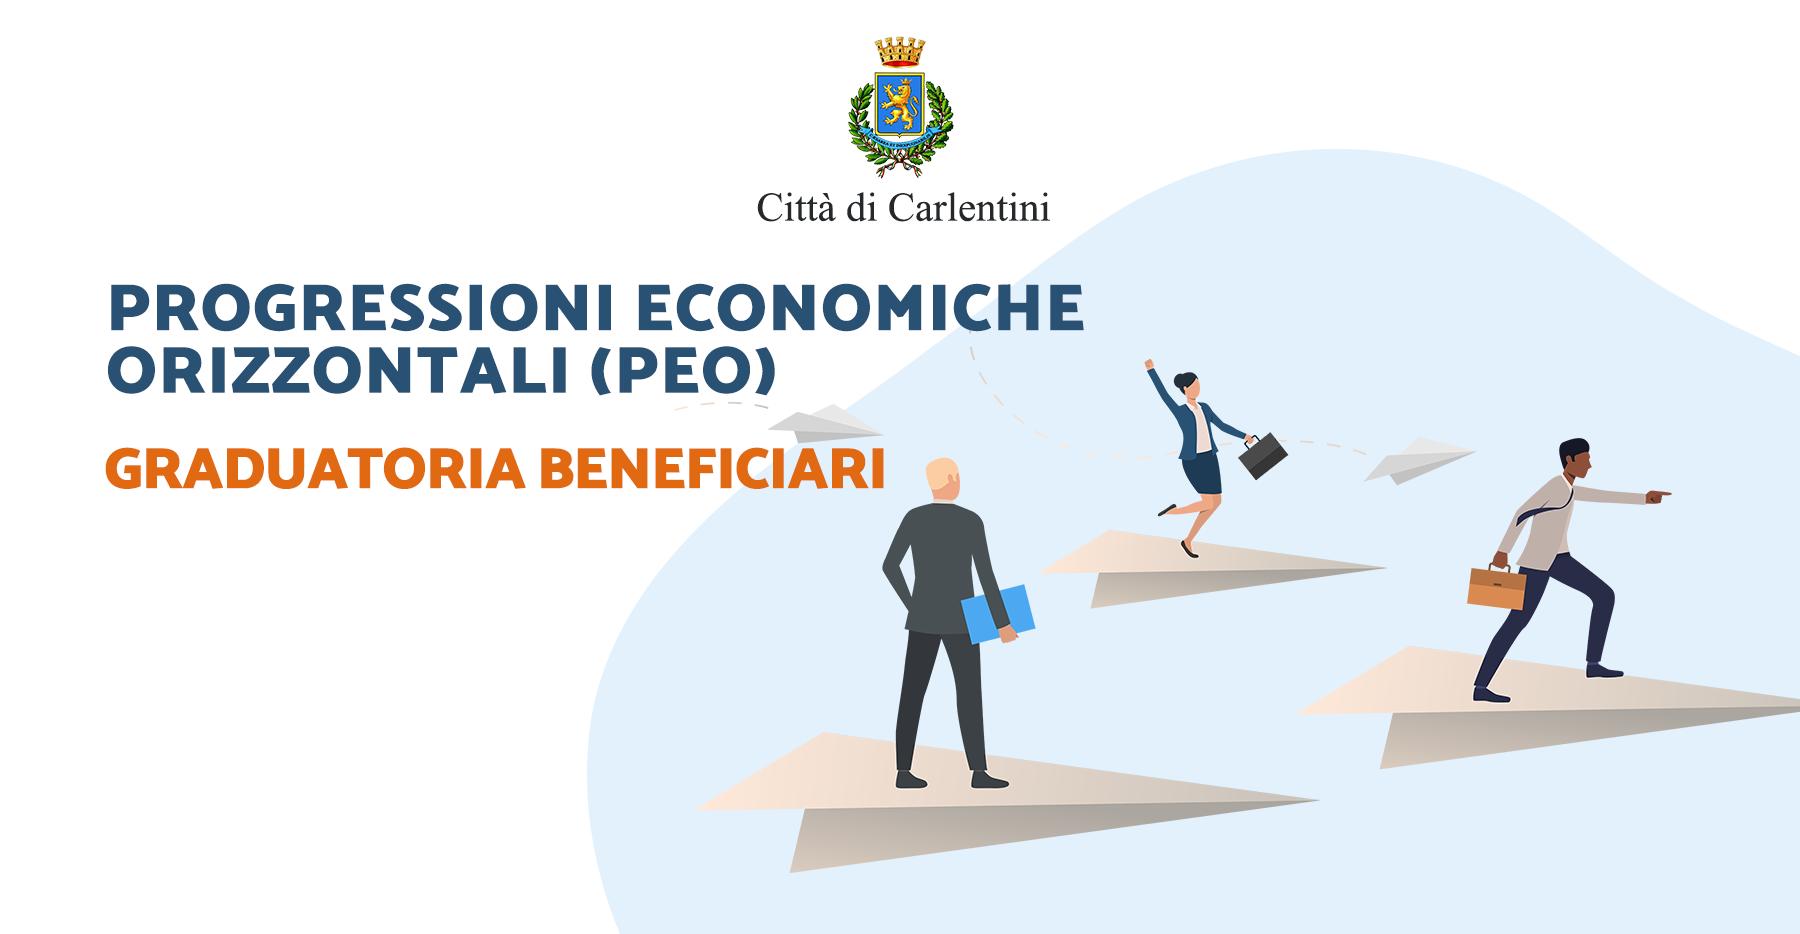 Progressioni Economiche Orizzontali (PEO): Graduatoria beneficiari